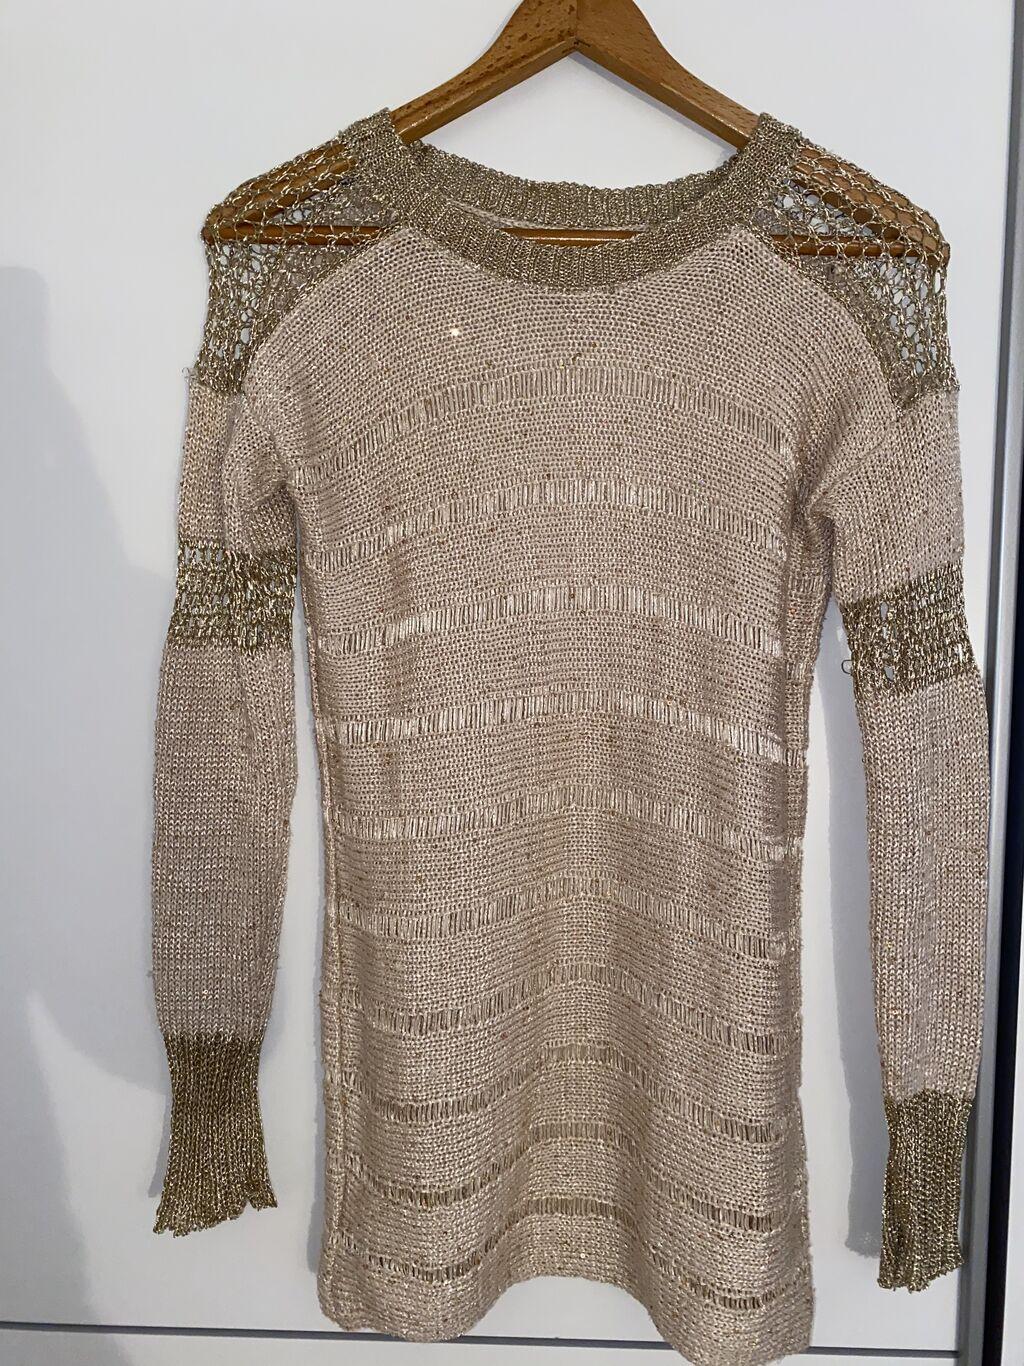 Turski dzemper/tunika, providan bez/zlatan odgovara s/m velicini rastegljiv je